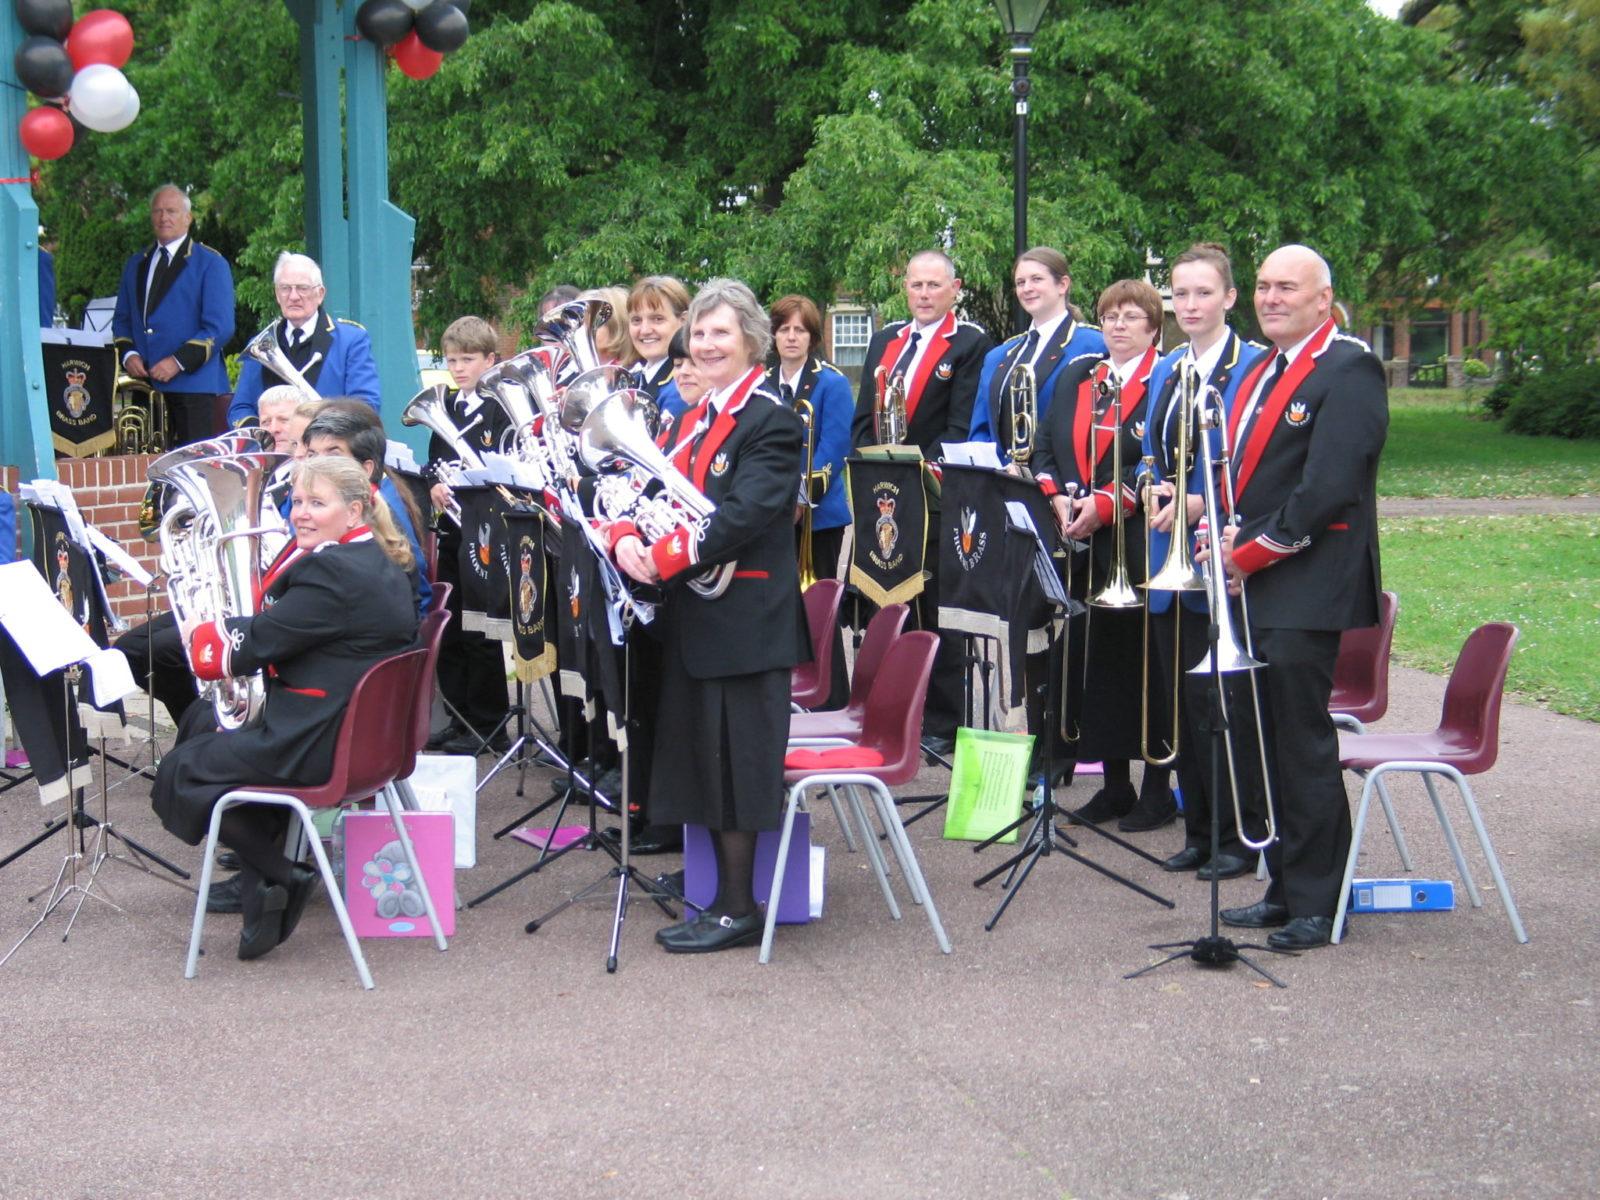 Harwich June 2015